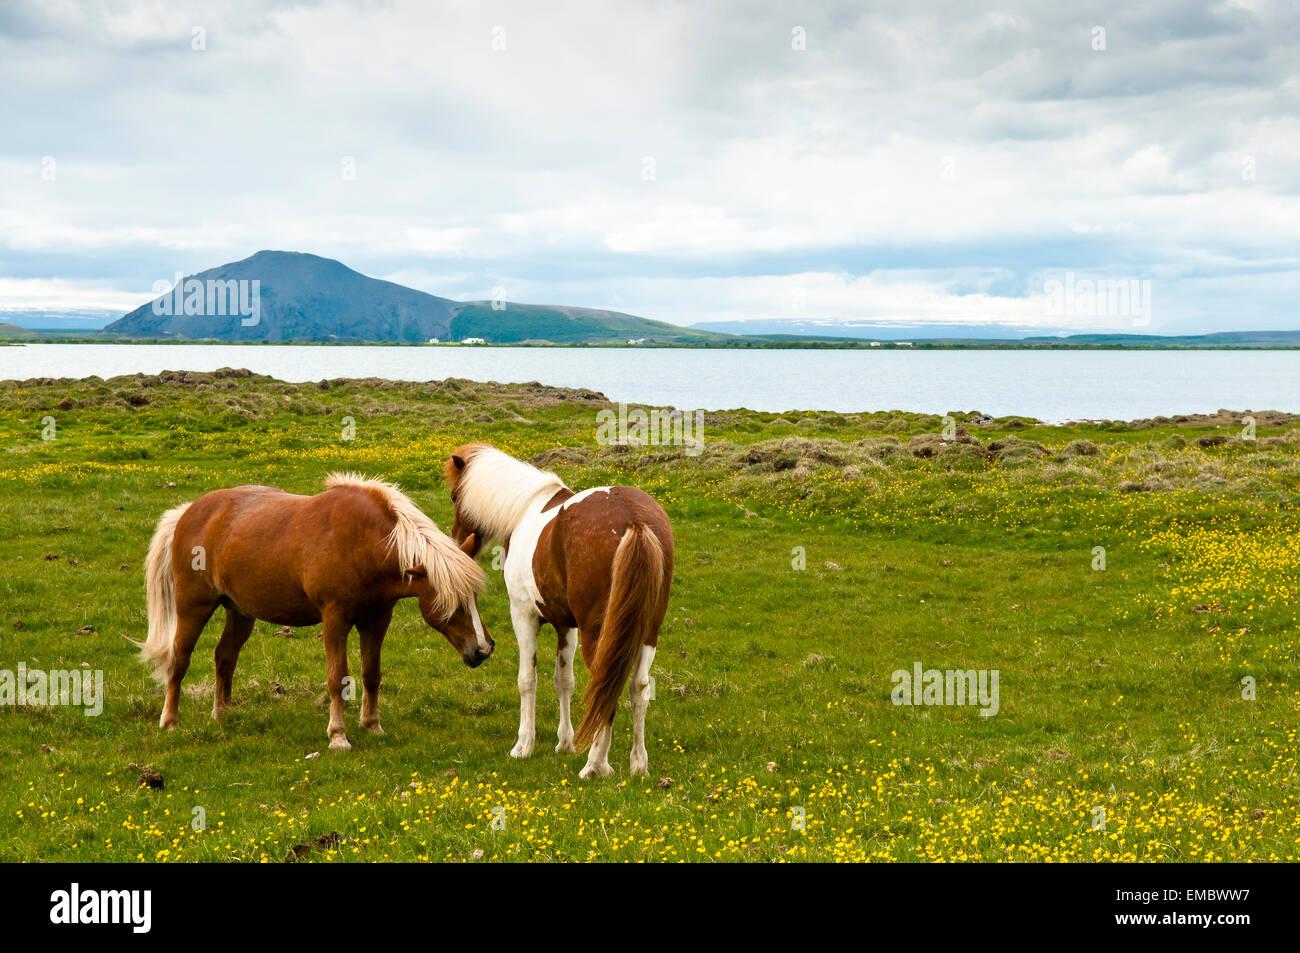 icelandic horses at lake Mytavn, North Iceland, Iceland - Stock Image